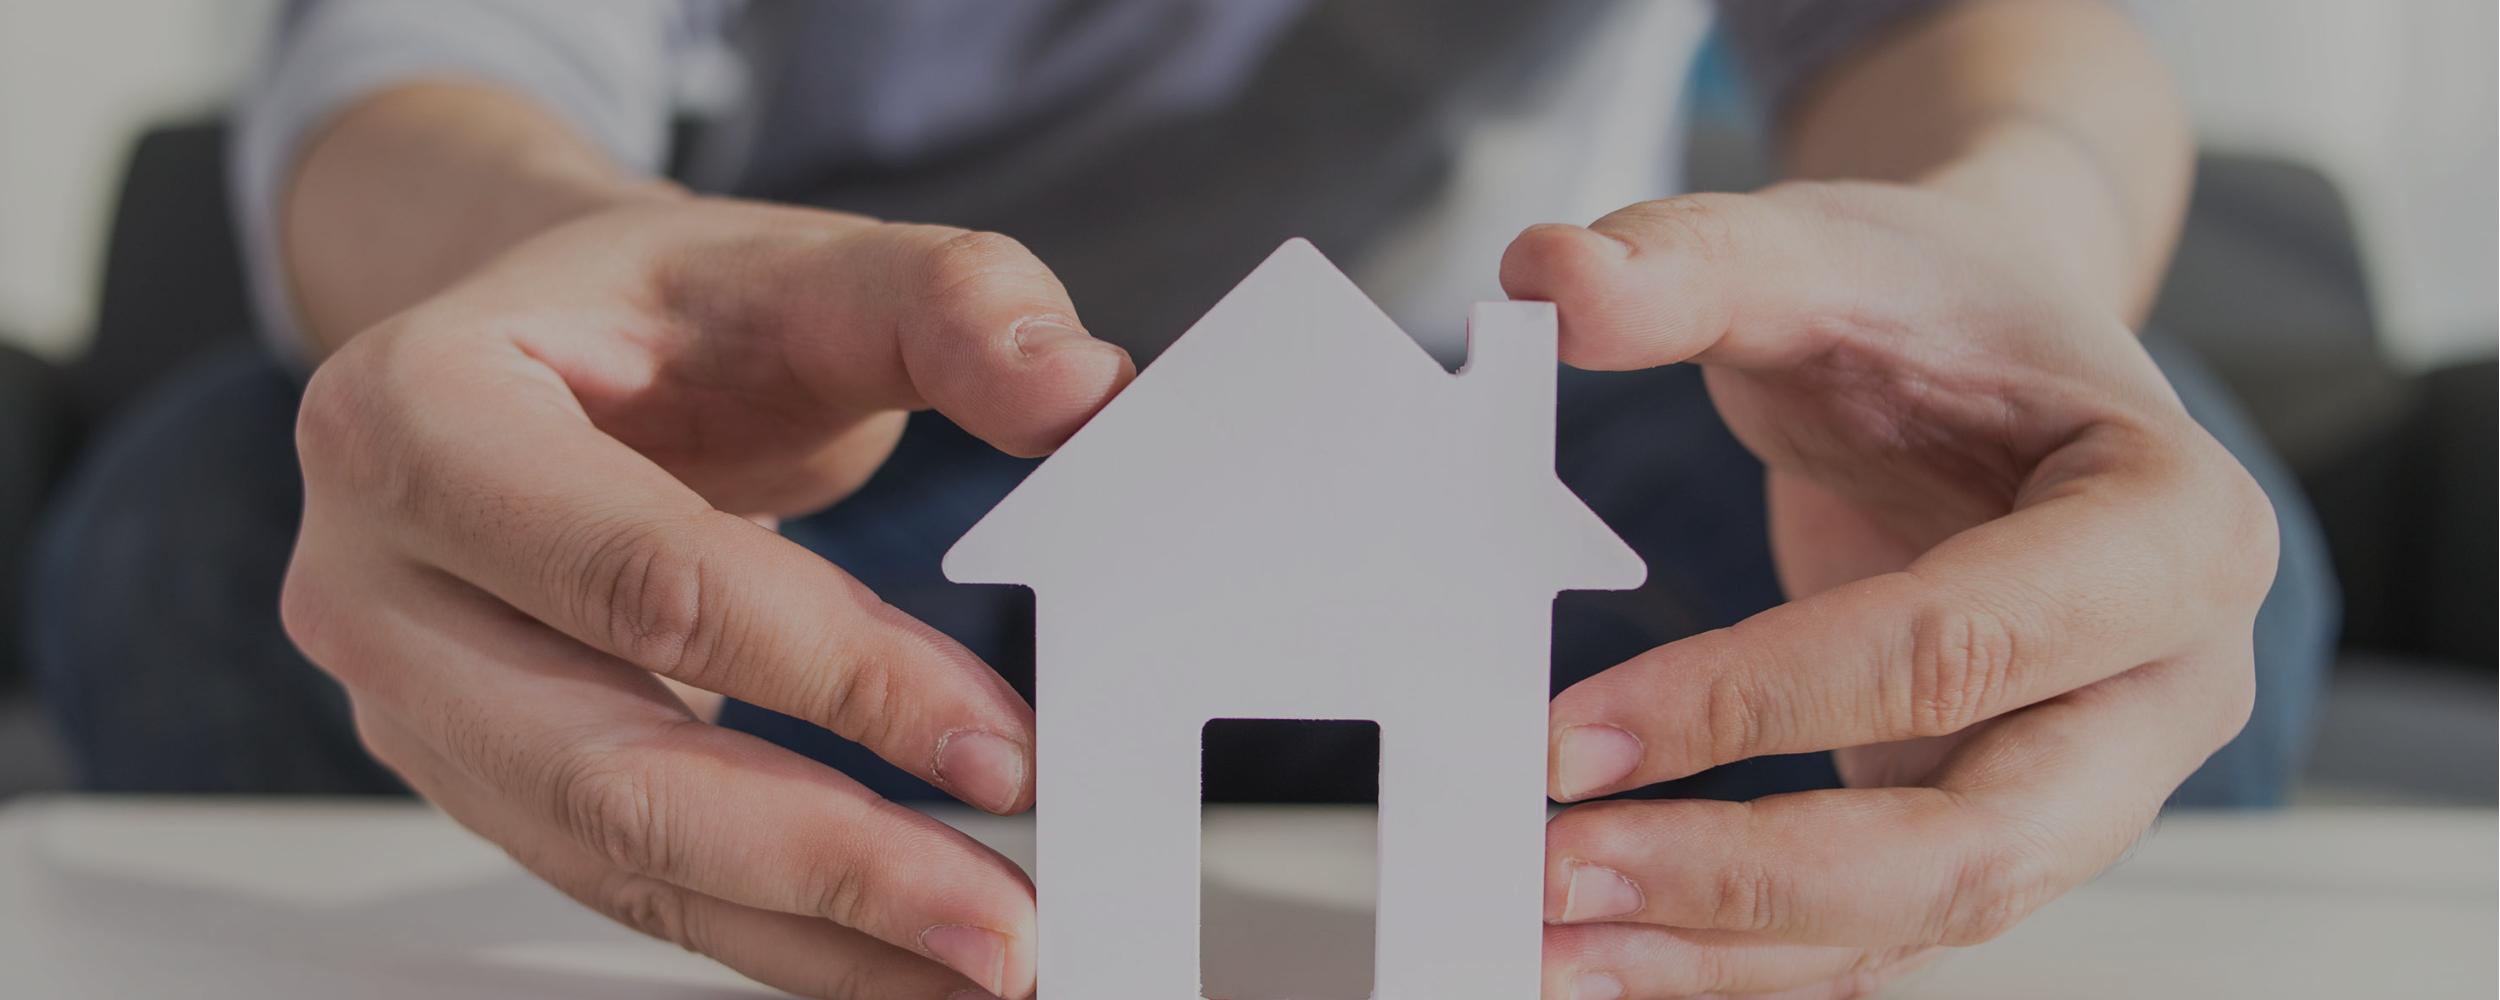 Los gastos hipotecarios y los impagos de las hipotecas, los principales problemas de los consumidores bancarios en 2020